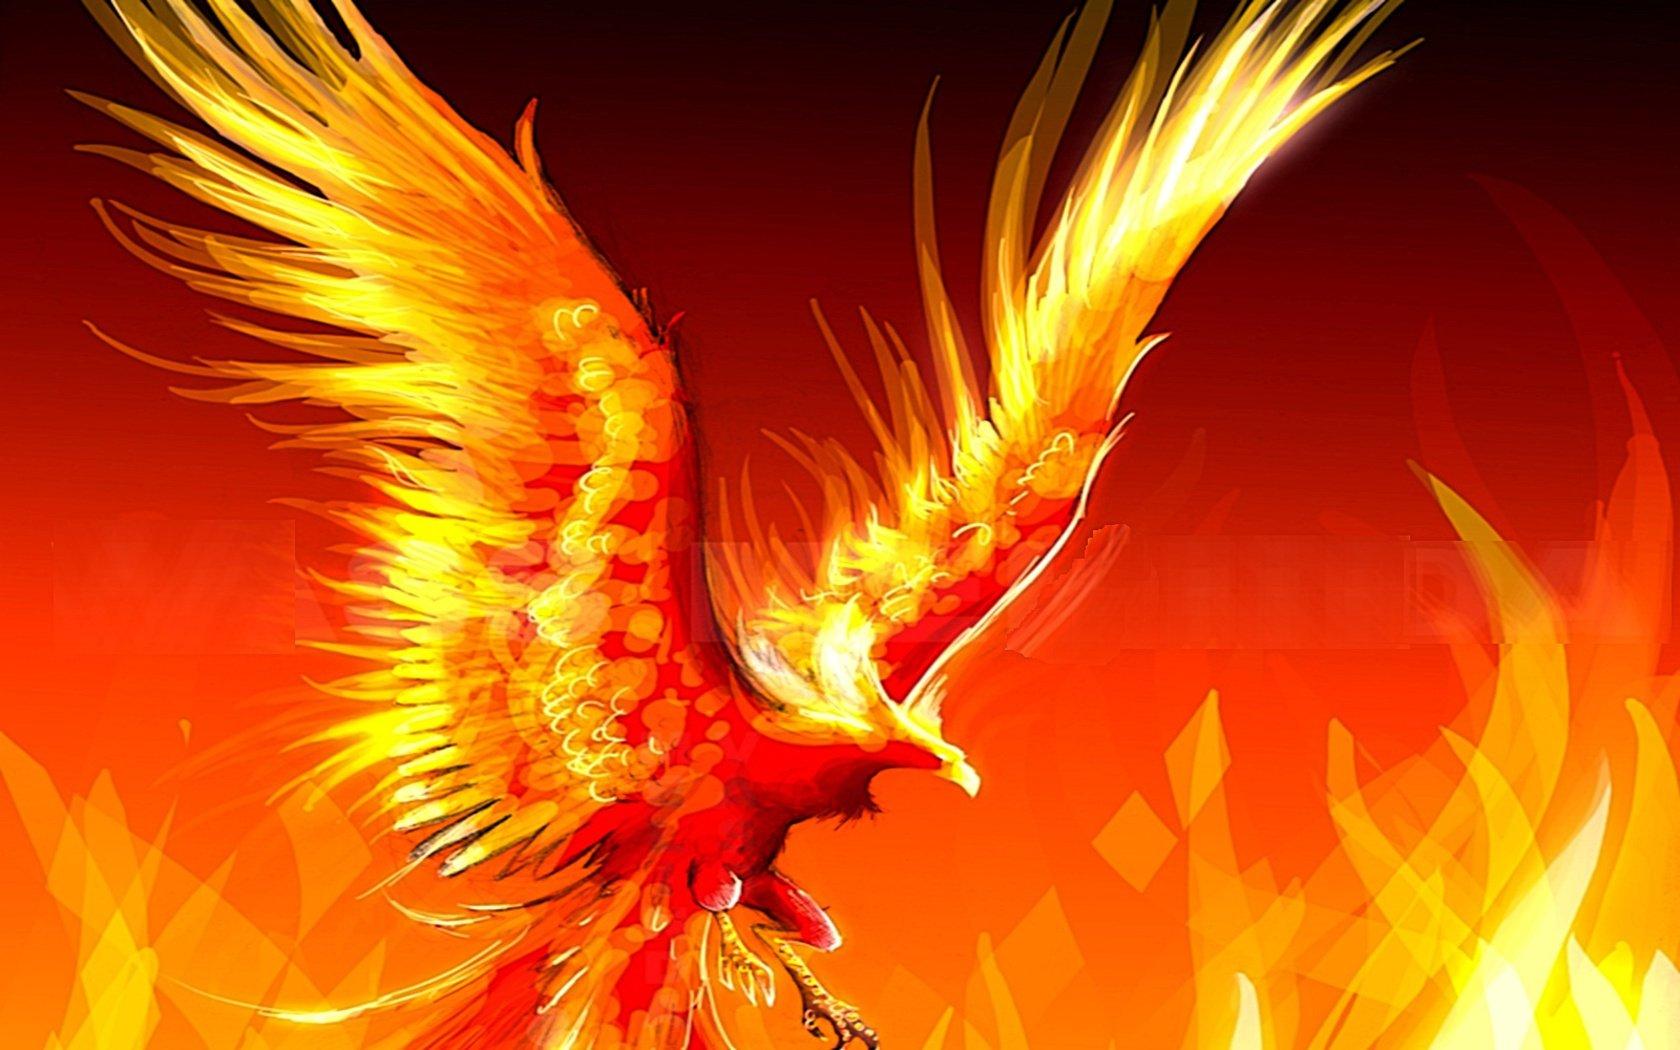 Phoenix Wallpaper 1680x1050 Phoenix 1680x1050